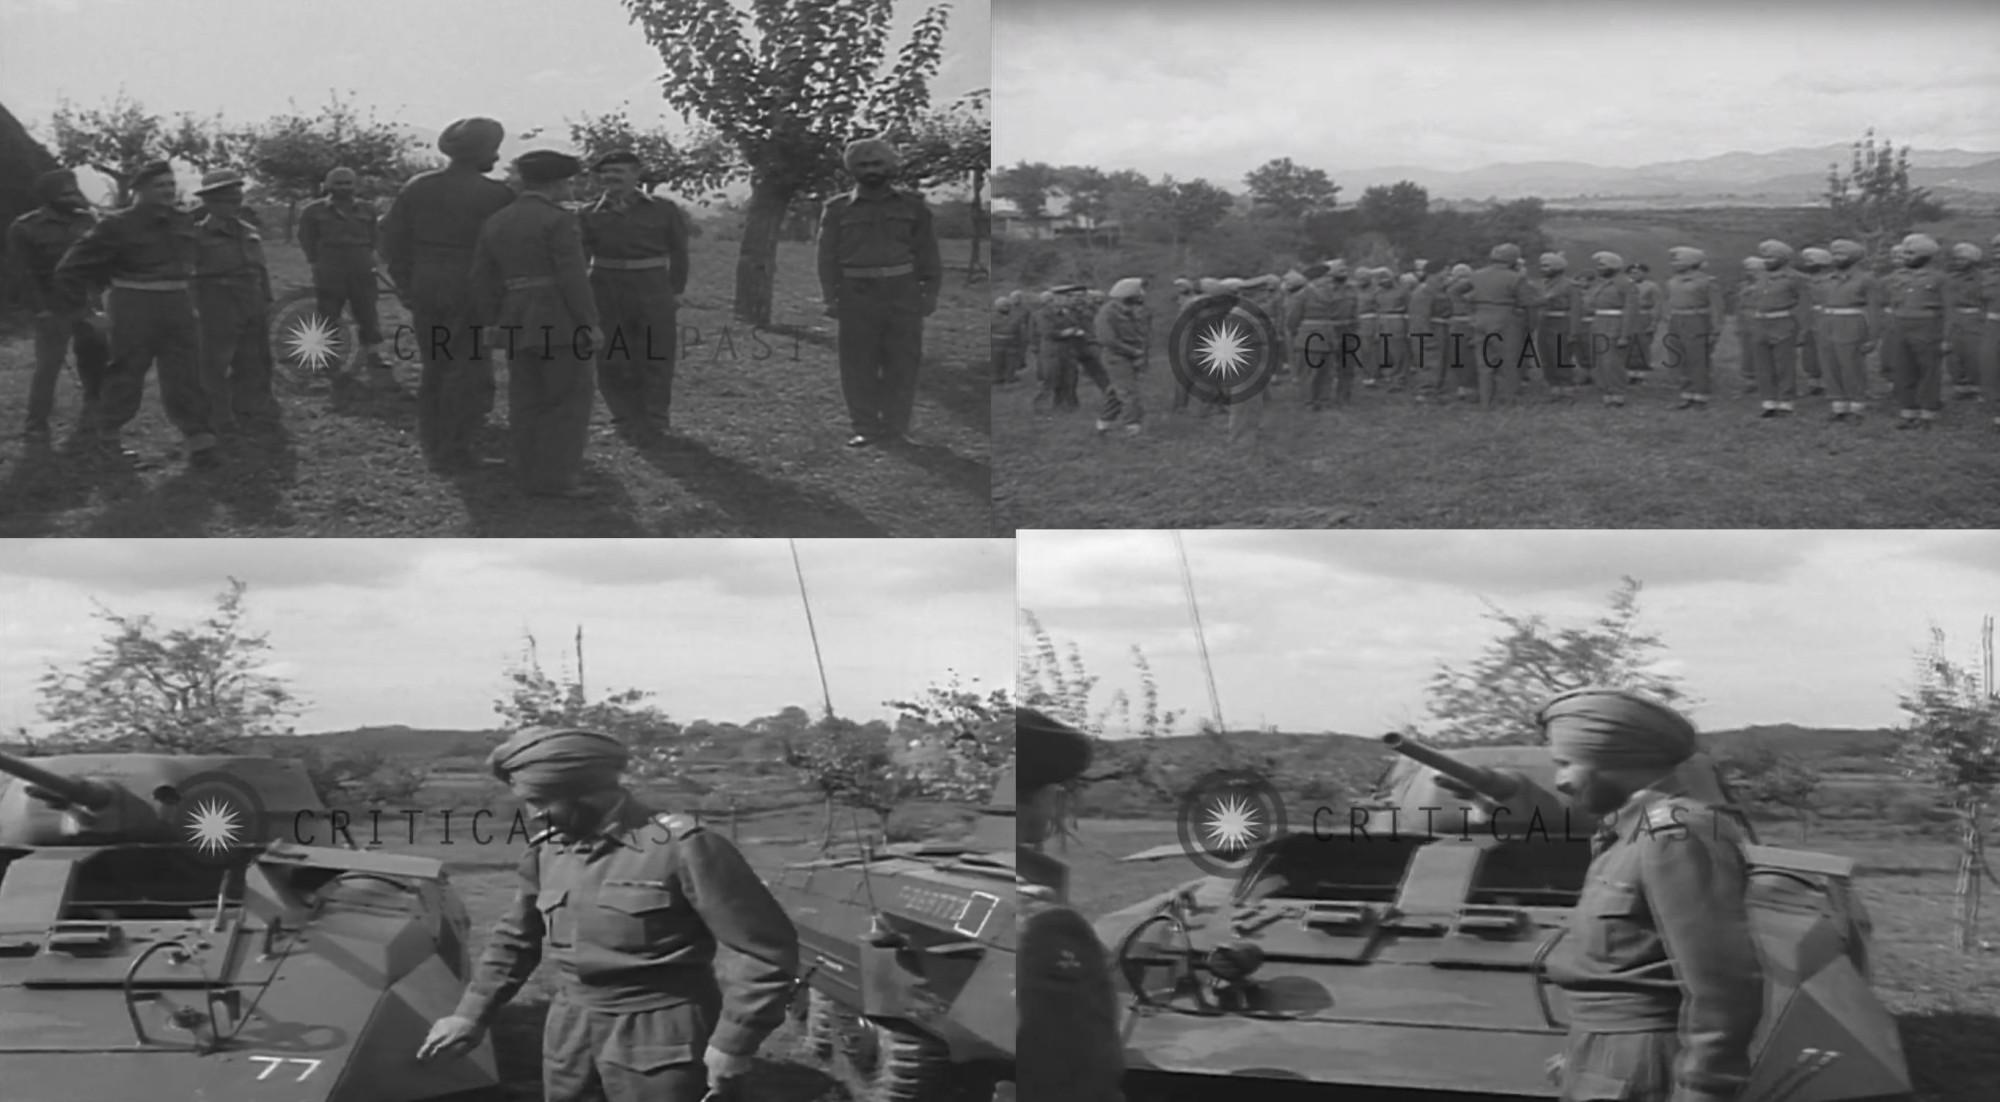 В октябре 1944г. Ядавиндра Сингх, 9й и последний махараджа Патиалы, посетил 8ю дивизию в Италии. Судя по униформе и технике на видеокадрах есть уланы 6го полка. Может быть даже и Инголл.